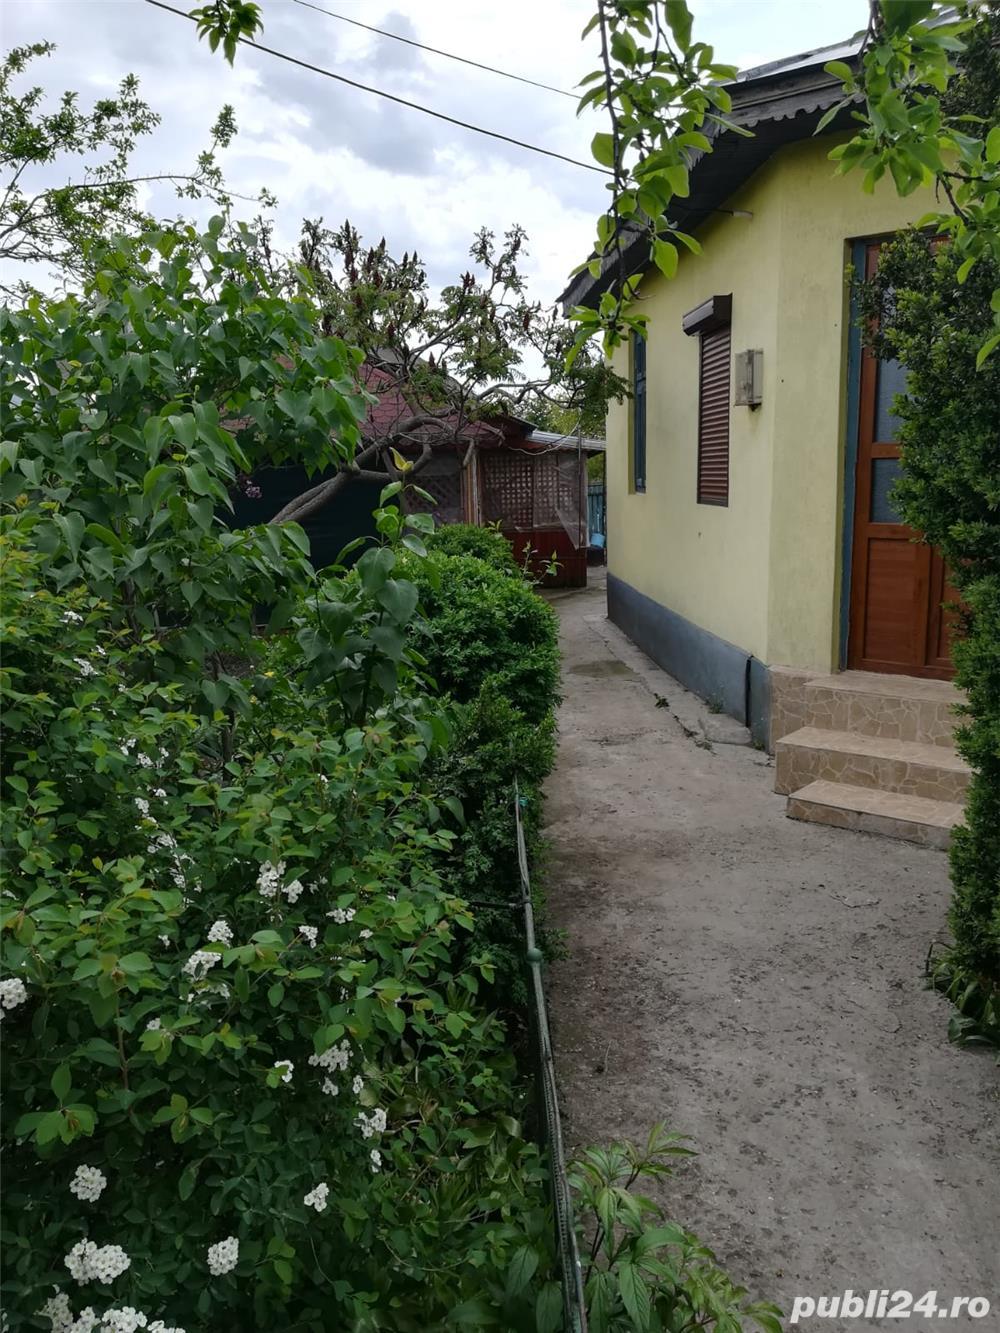 Vând casă în Satul Cârligu Mare 45000 euro, jud. Buzău